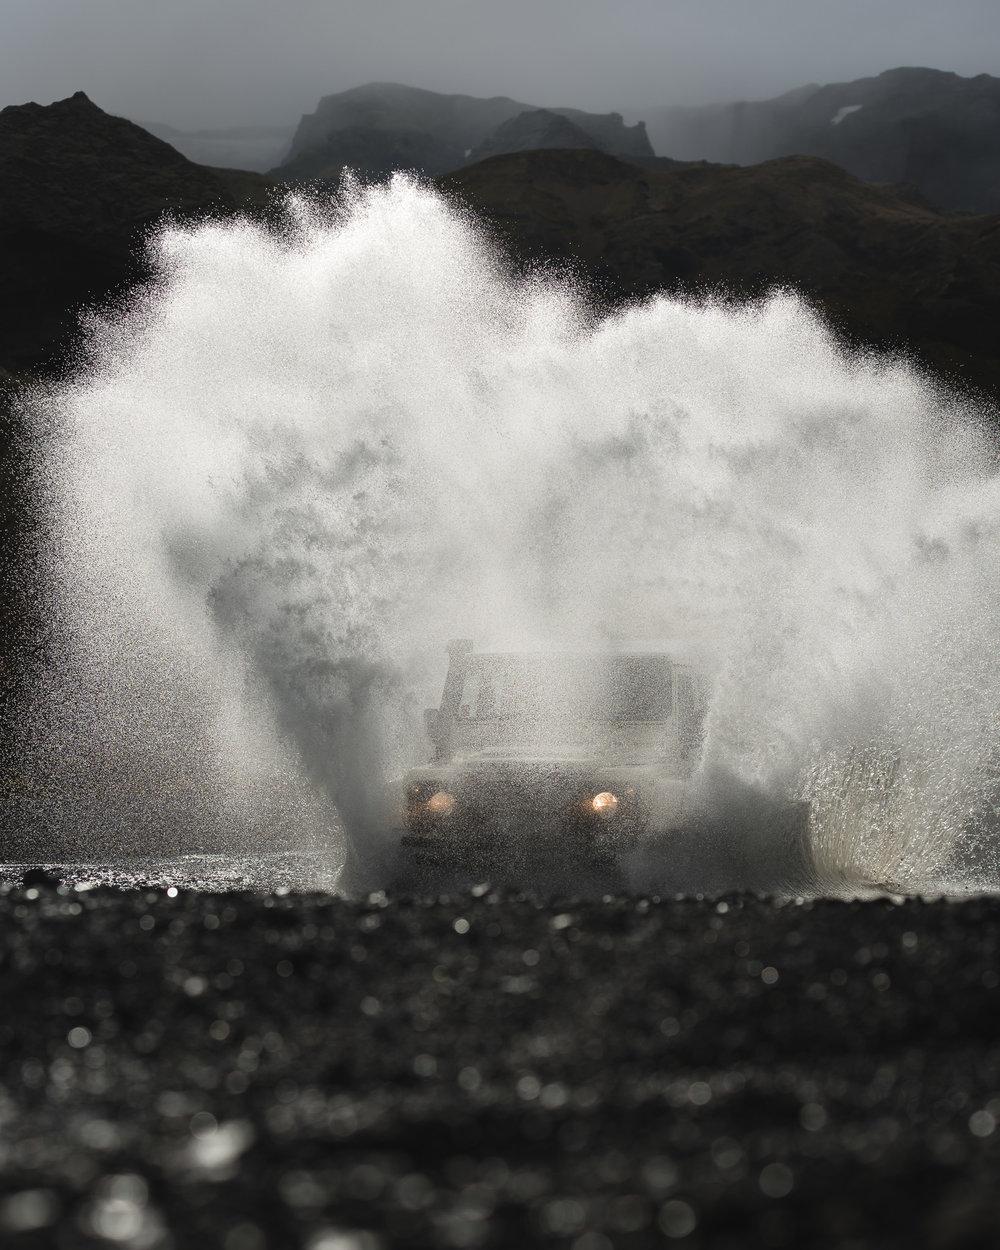 land rover through the river